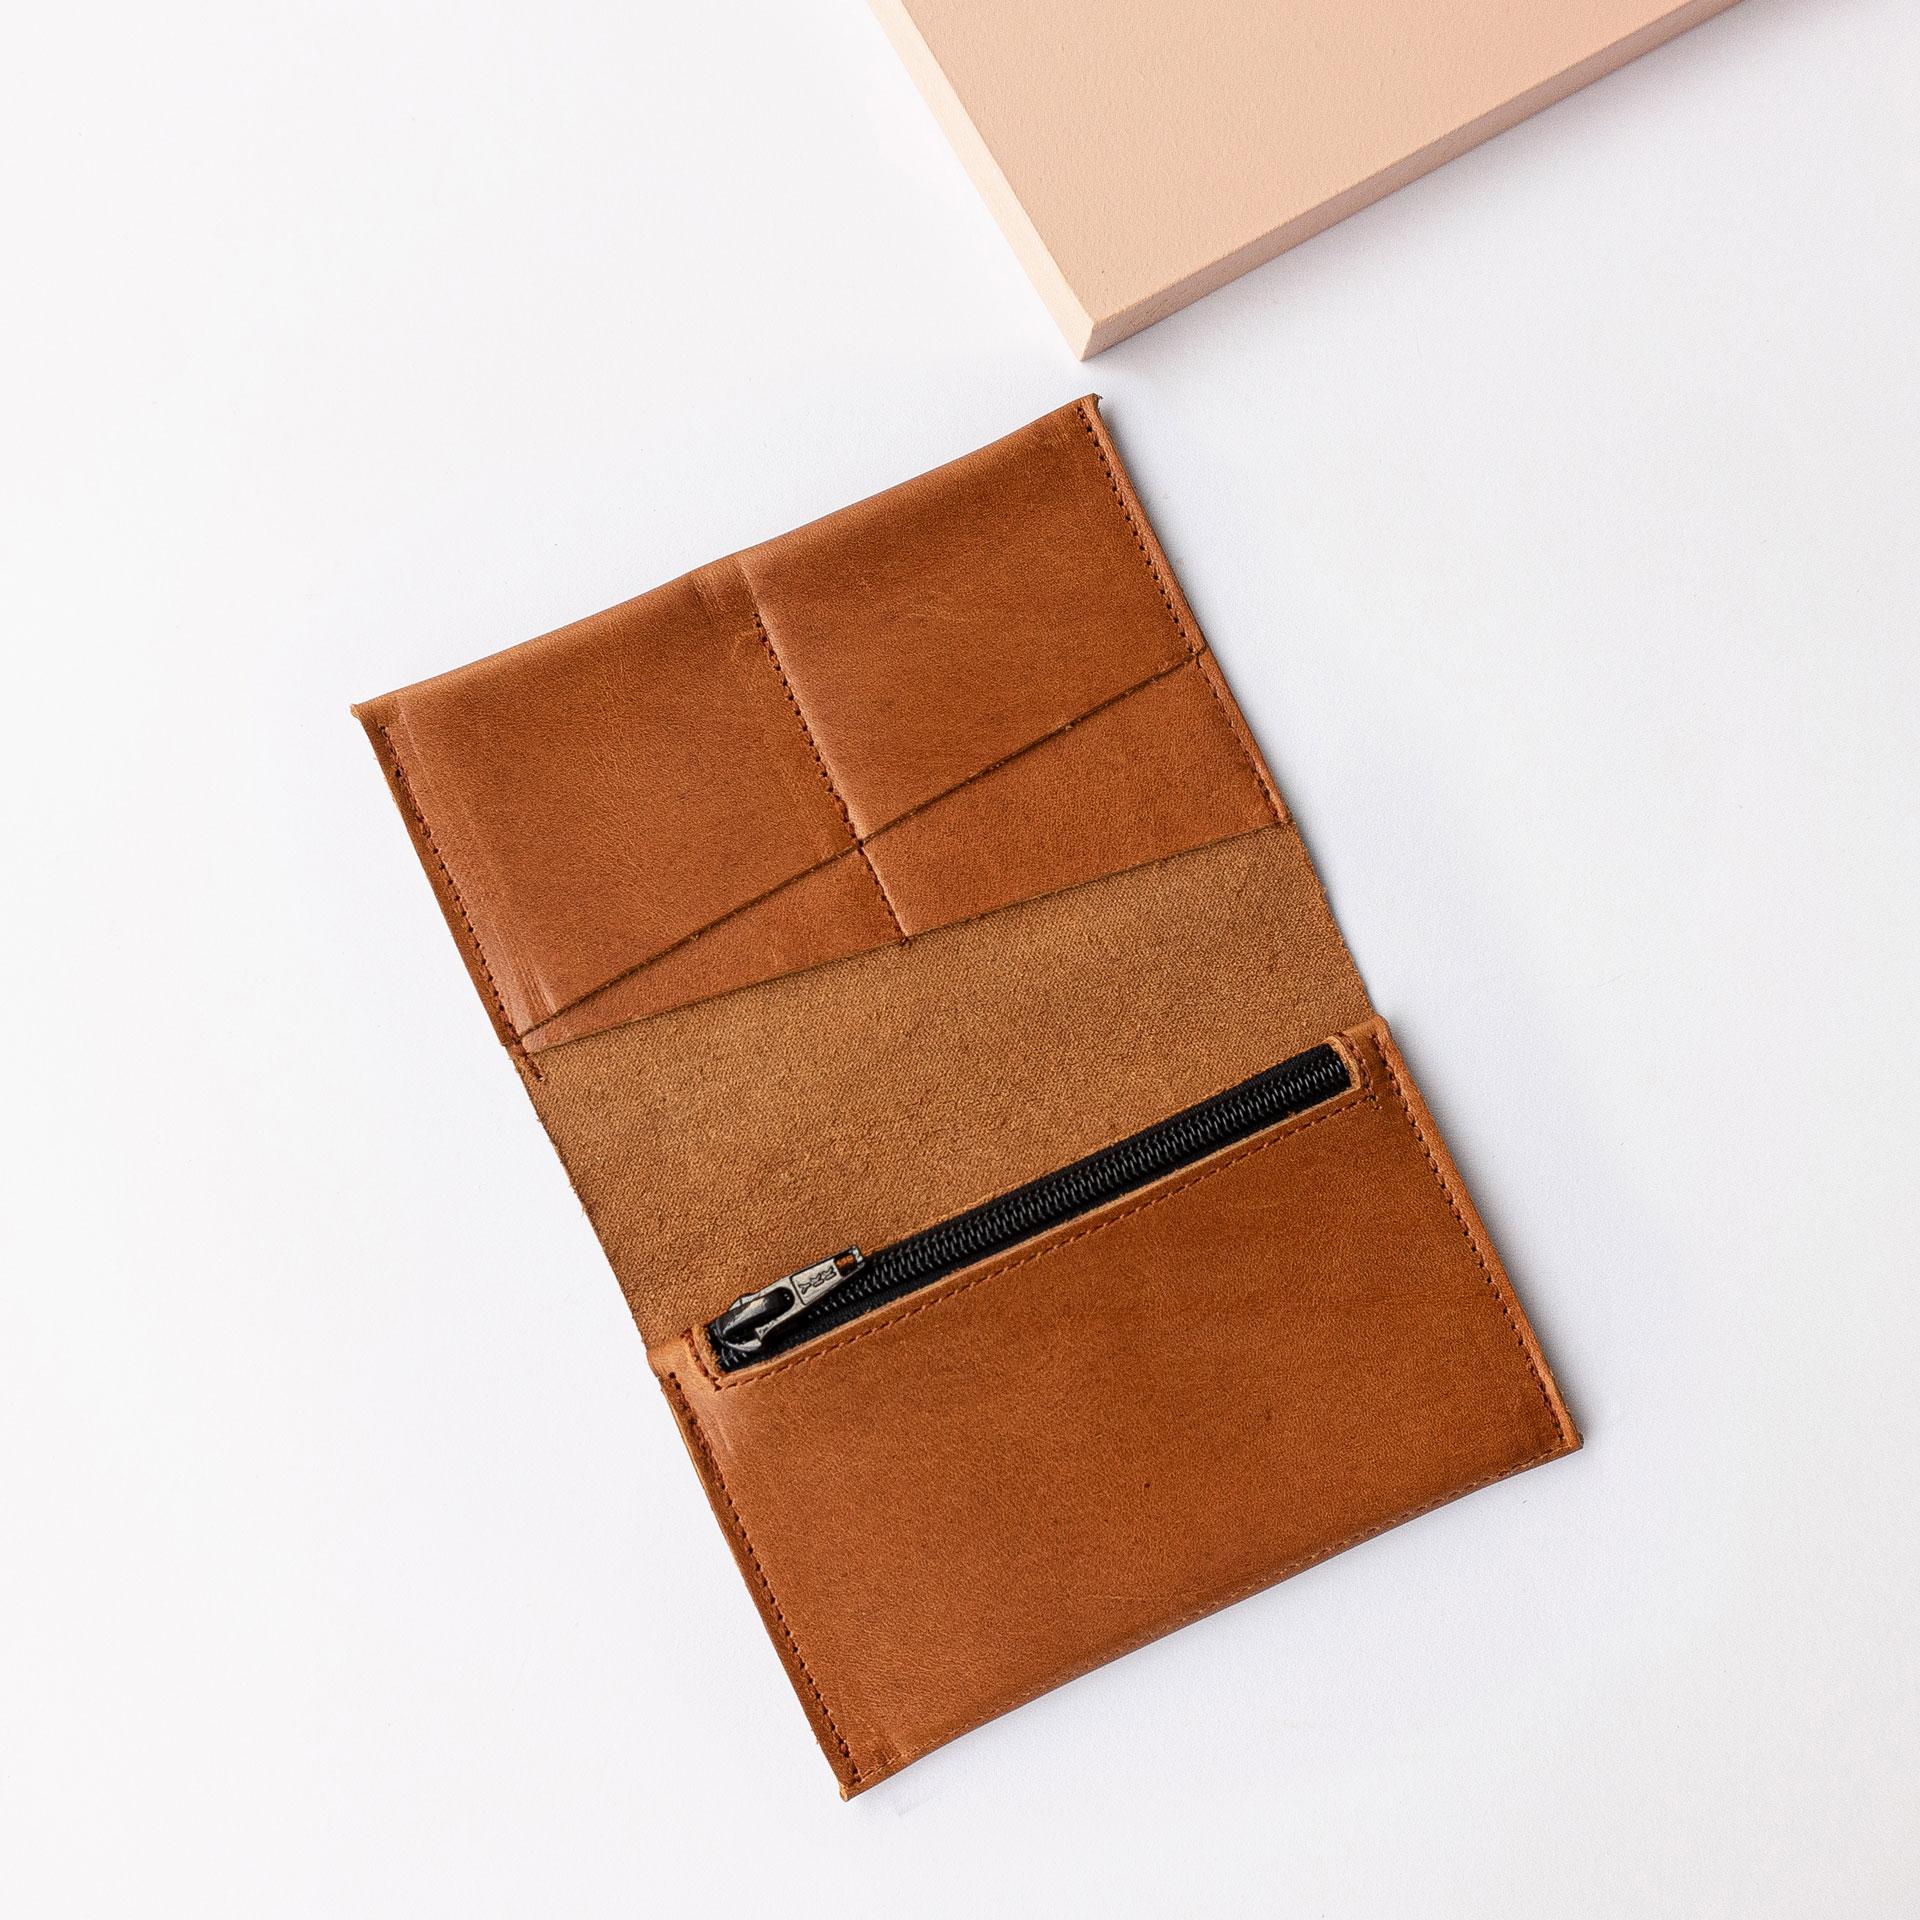 Brieftasche OLI LARGE von innen in Cognac geölt mit Kartensteckfächern und Münzfach